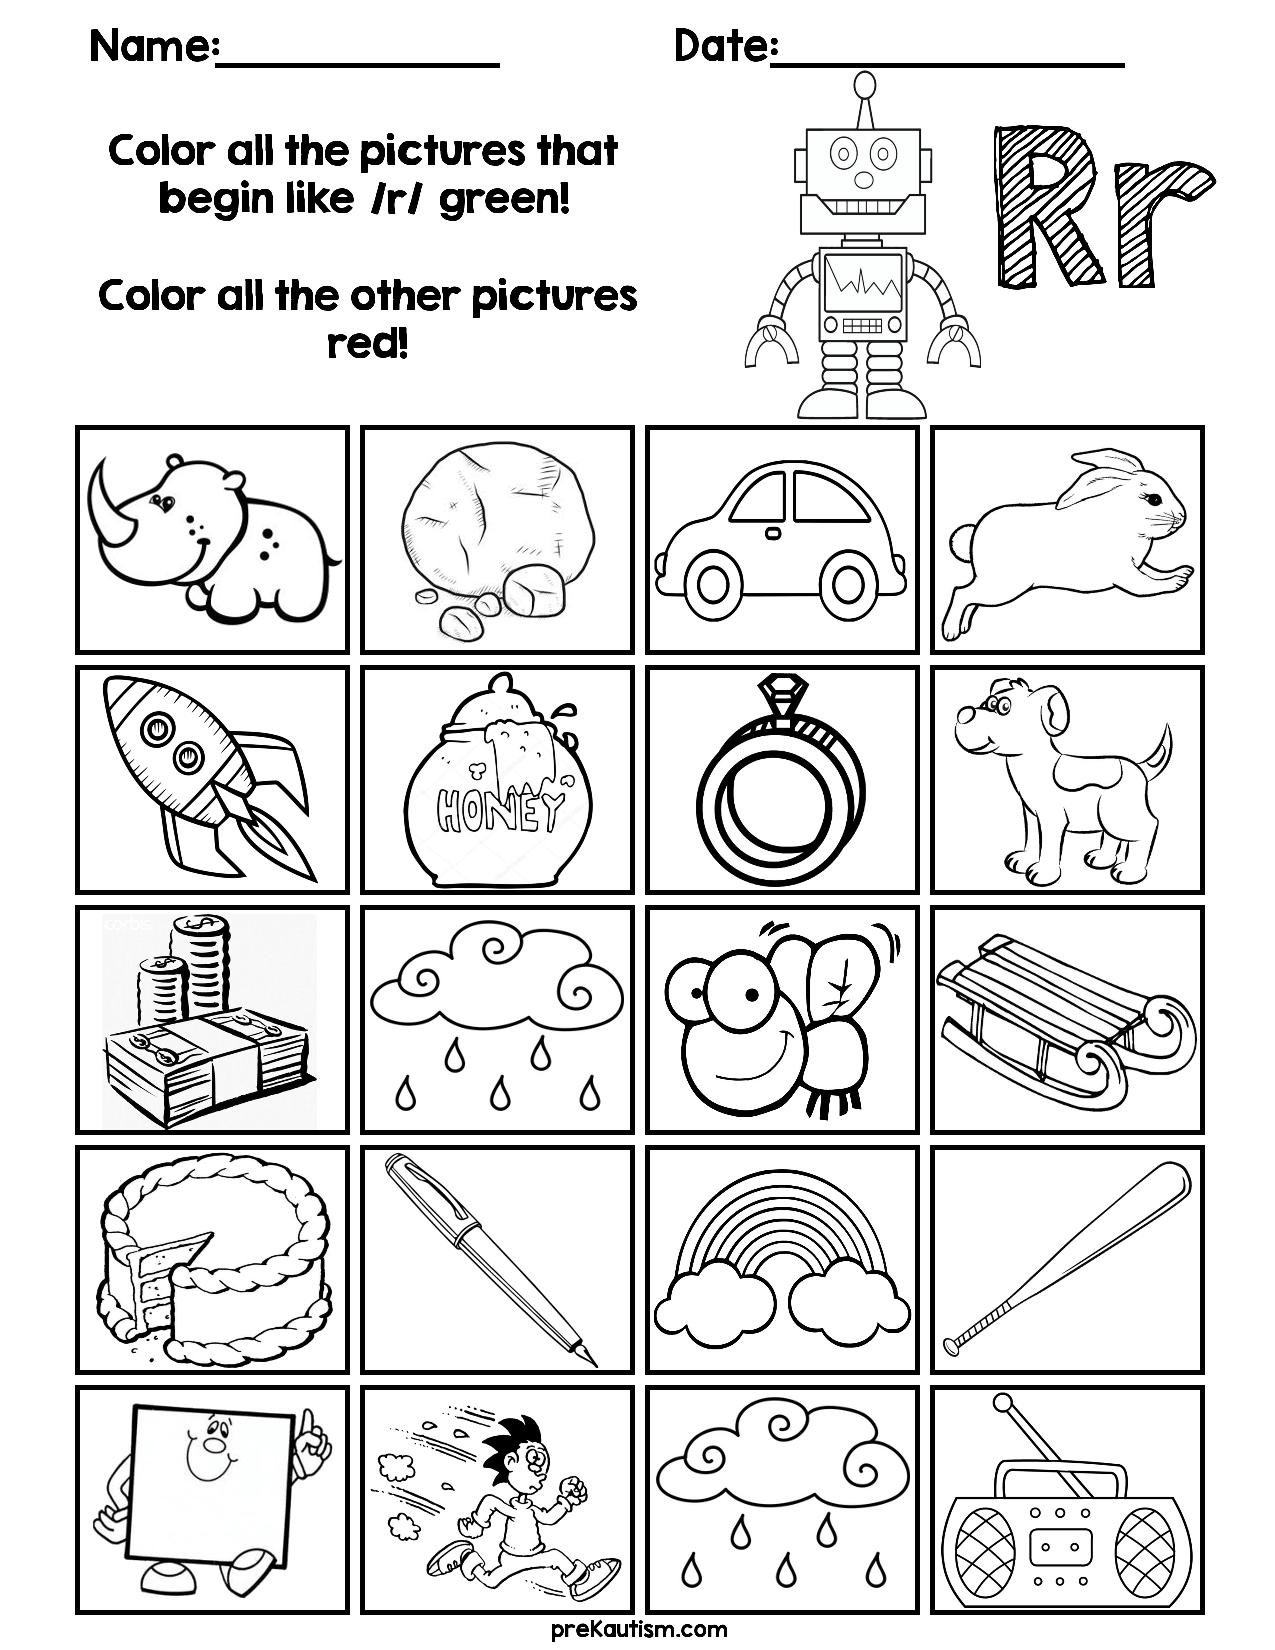 Find & Color Consonants Worksheets | Kindergarten Worksheets throughout Letter V Worksheets For First Grade